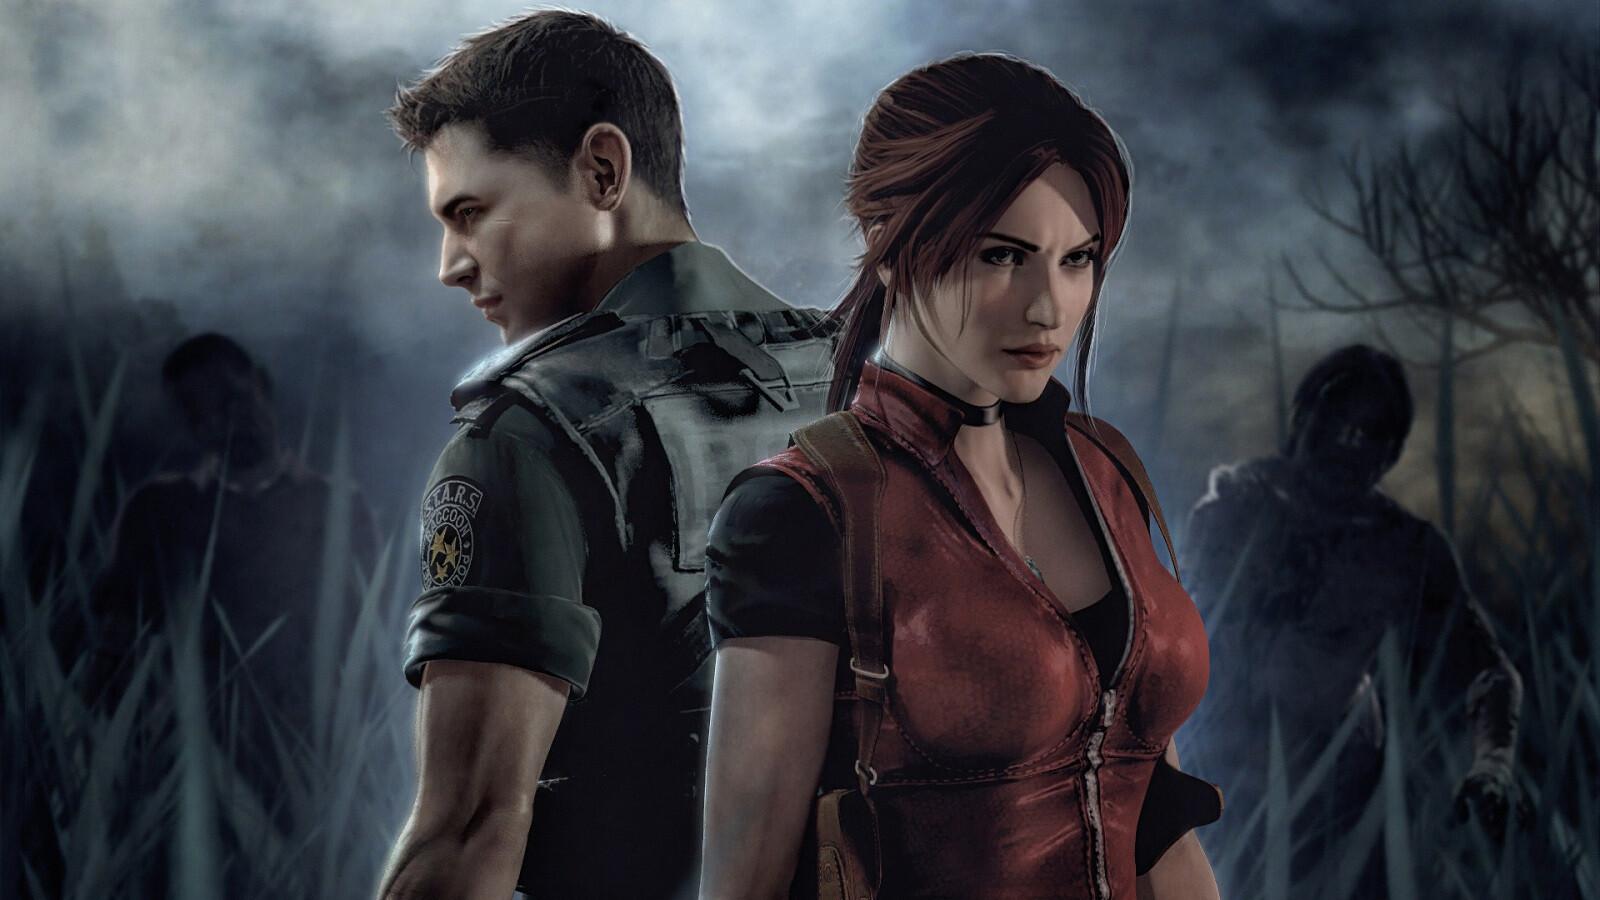 Премьера фильма Resident Evil состоится 9 сентября